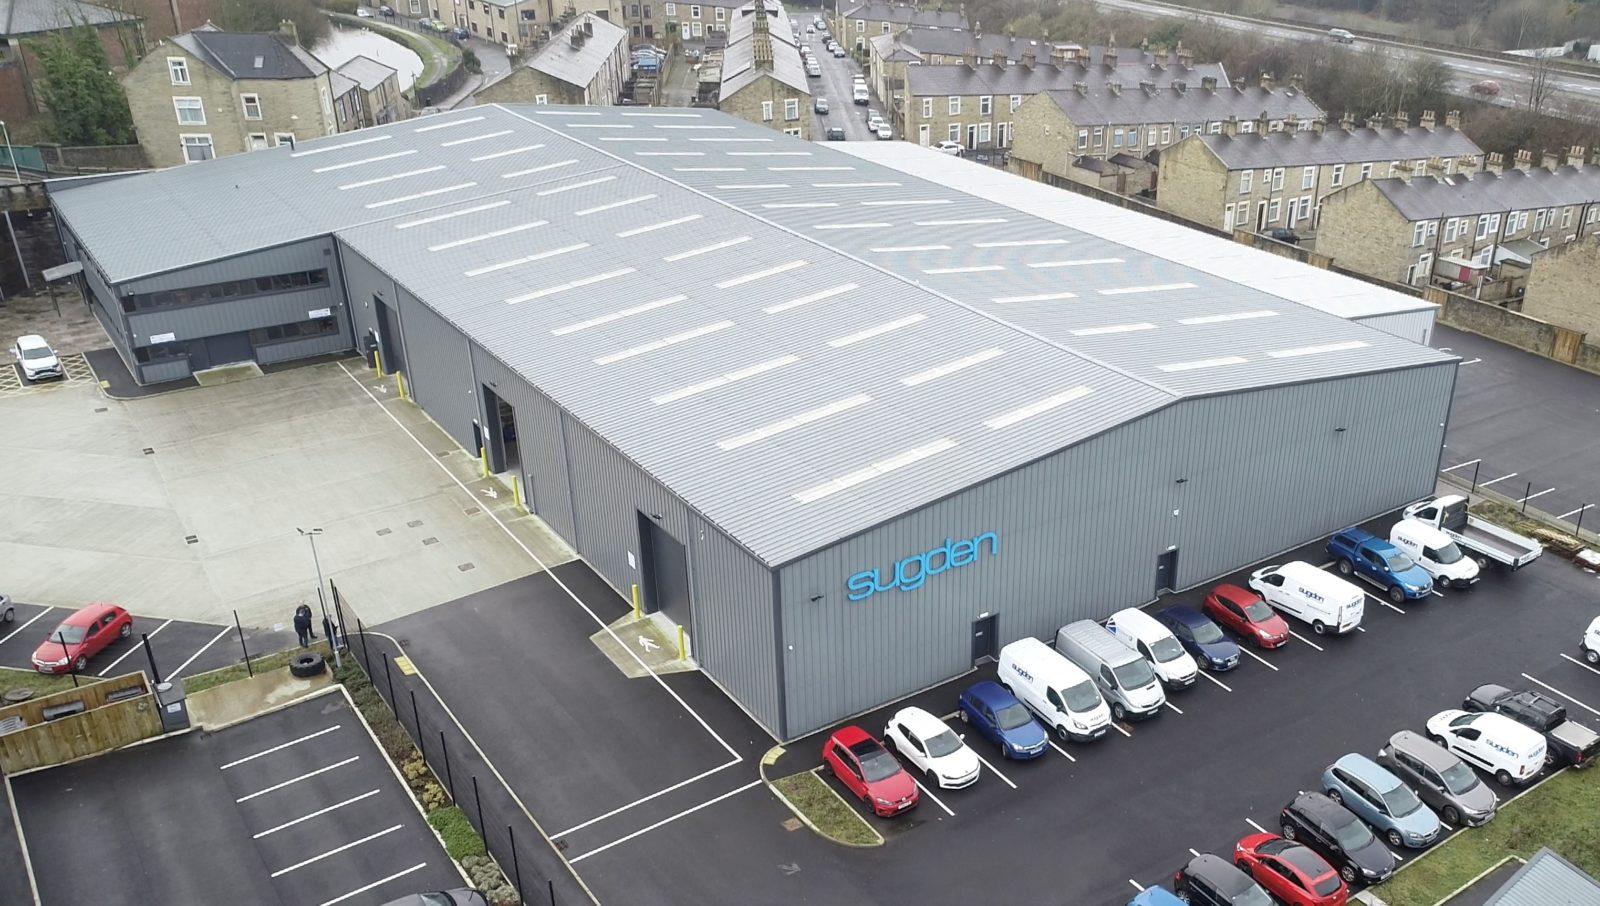 Sugden Ltd makes new acquisition